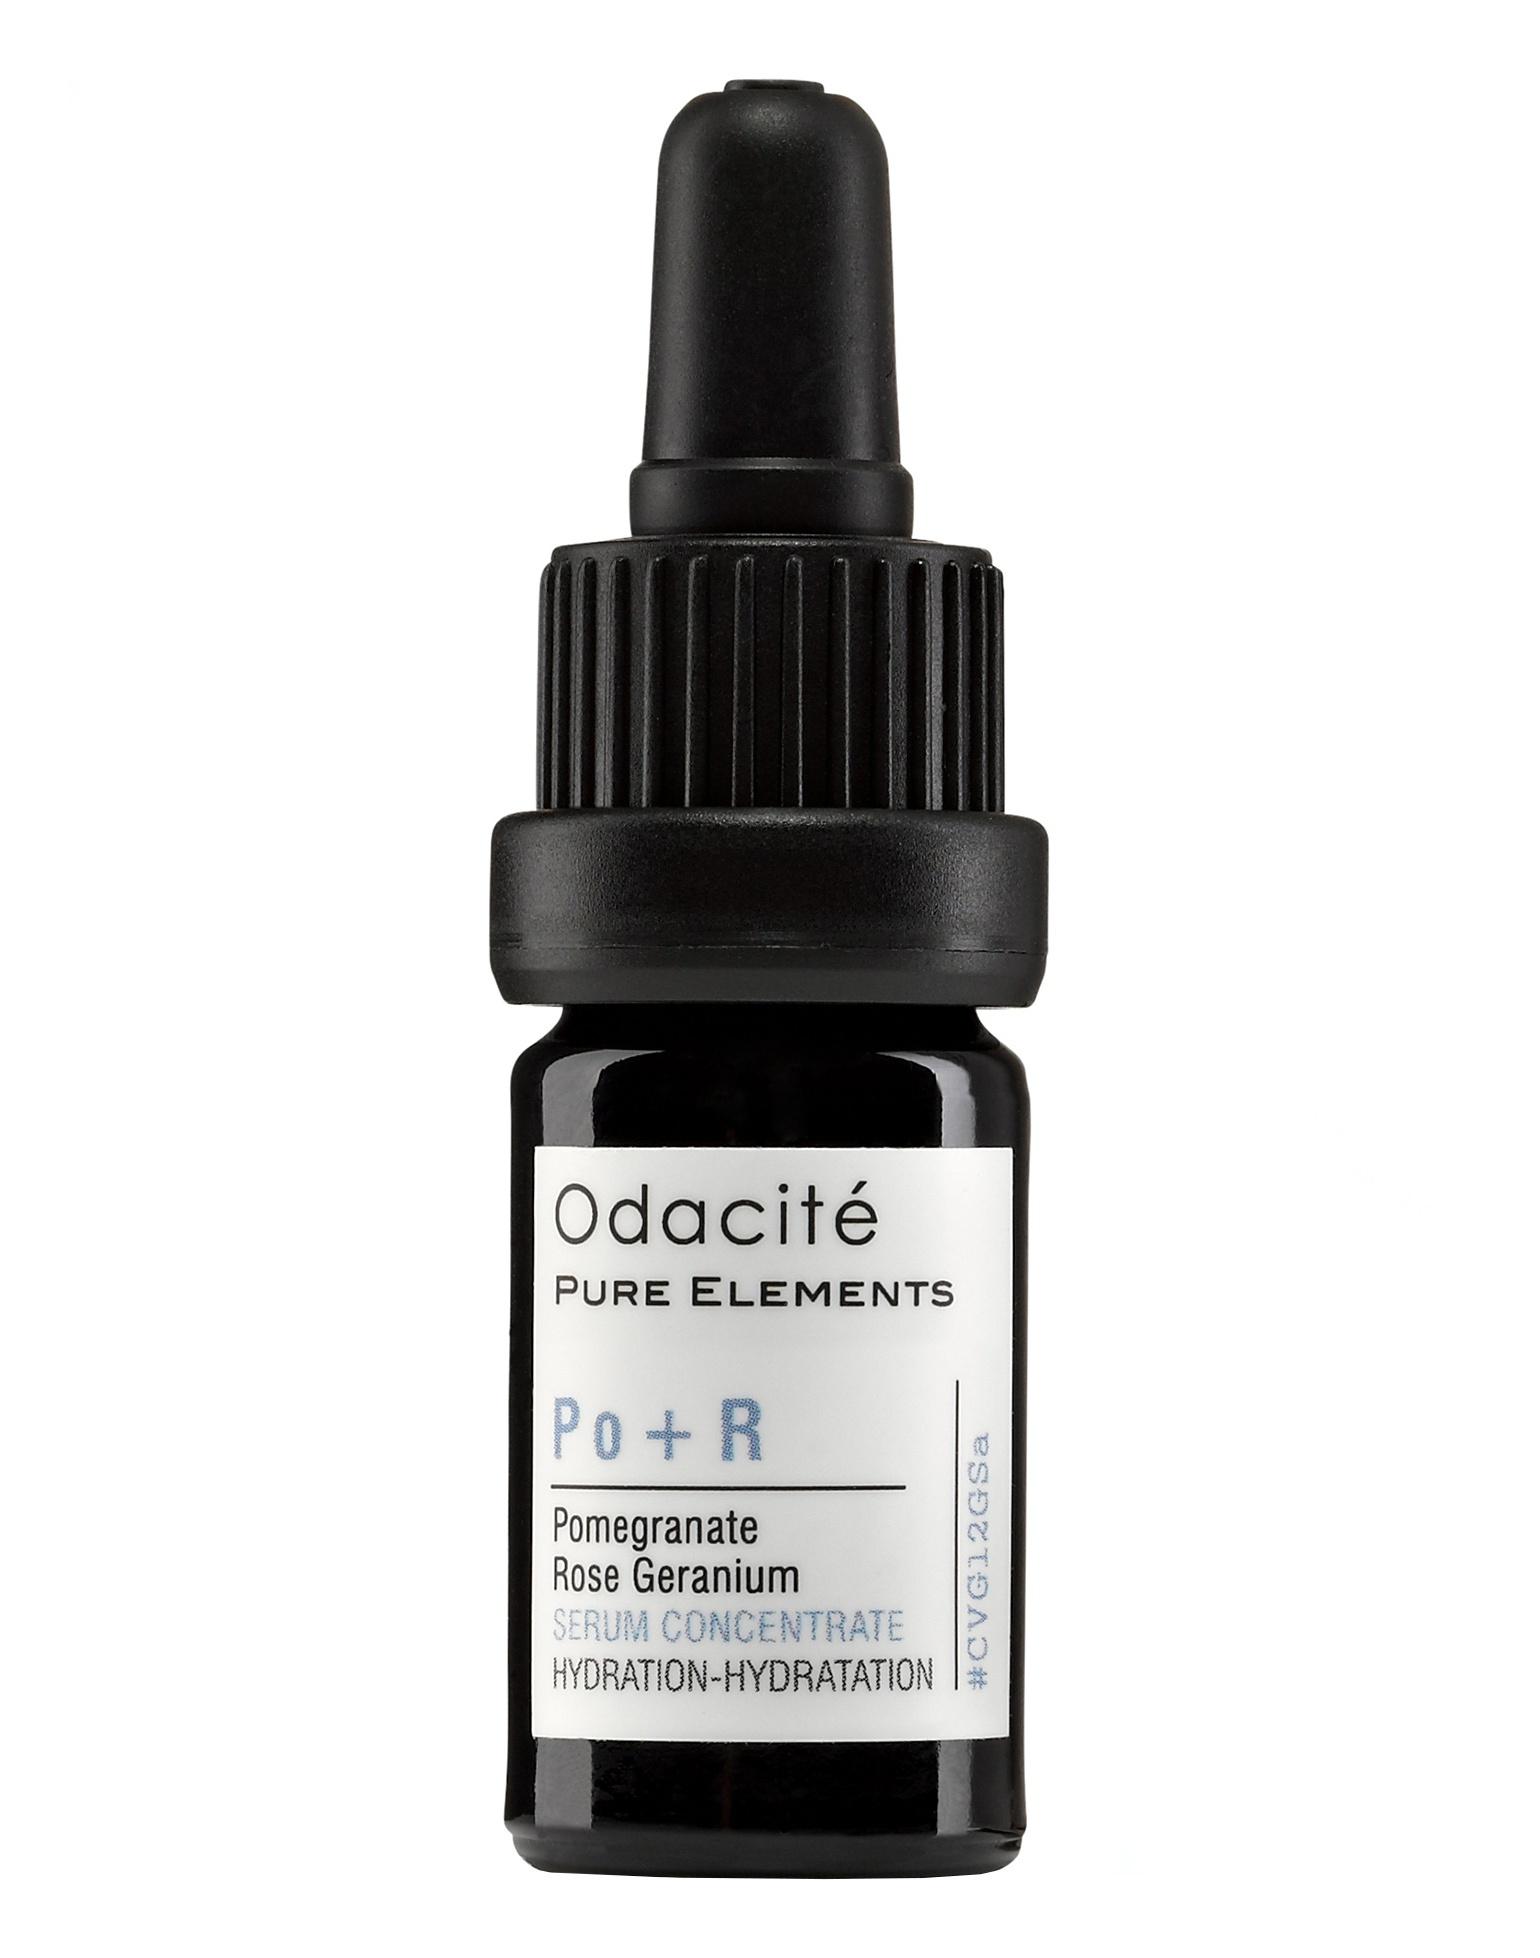 Odacite Hydration Serum Concentrate (Pomegranate + Rose Geranium)